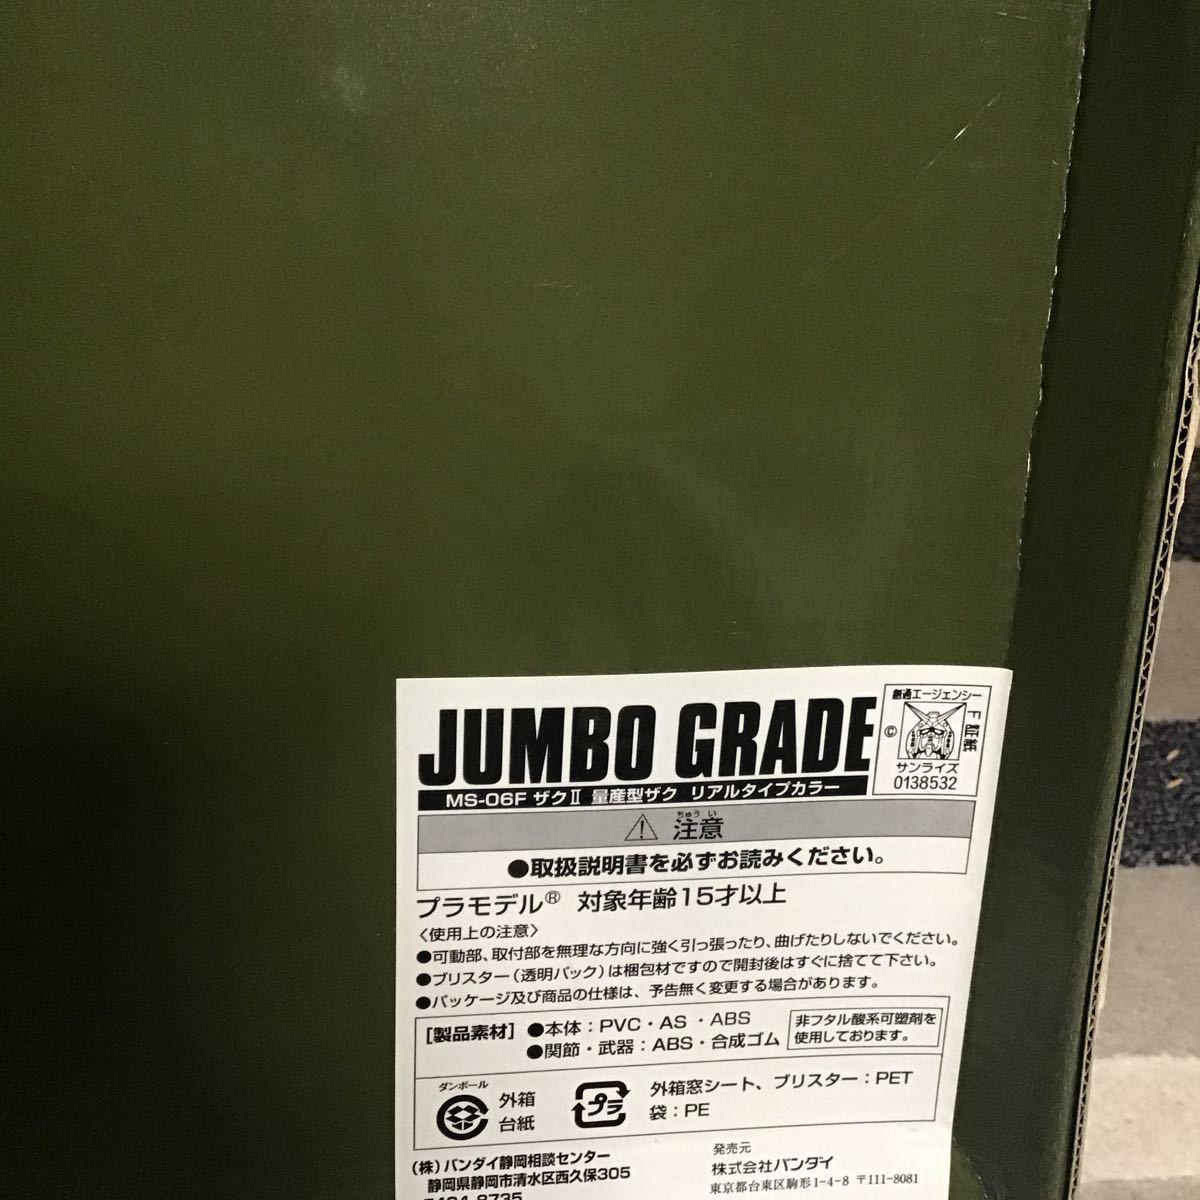 新品 JUMBO GRADE MS-06 ザクII 量産型ザク リアルタイプカラー ジャンボグレード bandai figure プラモデル バンダイ レア 特別仕様 特大_画像4